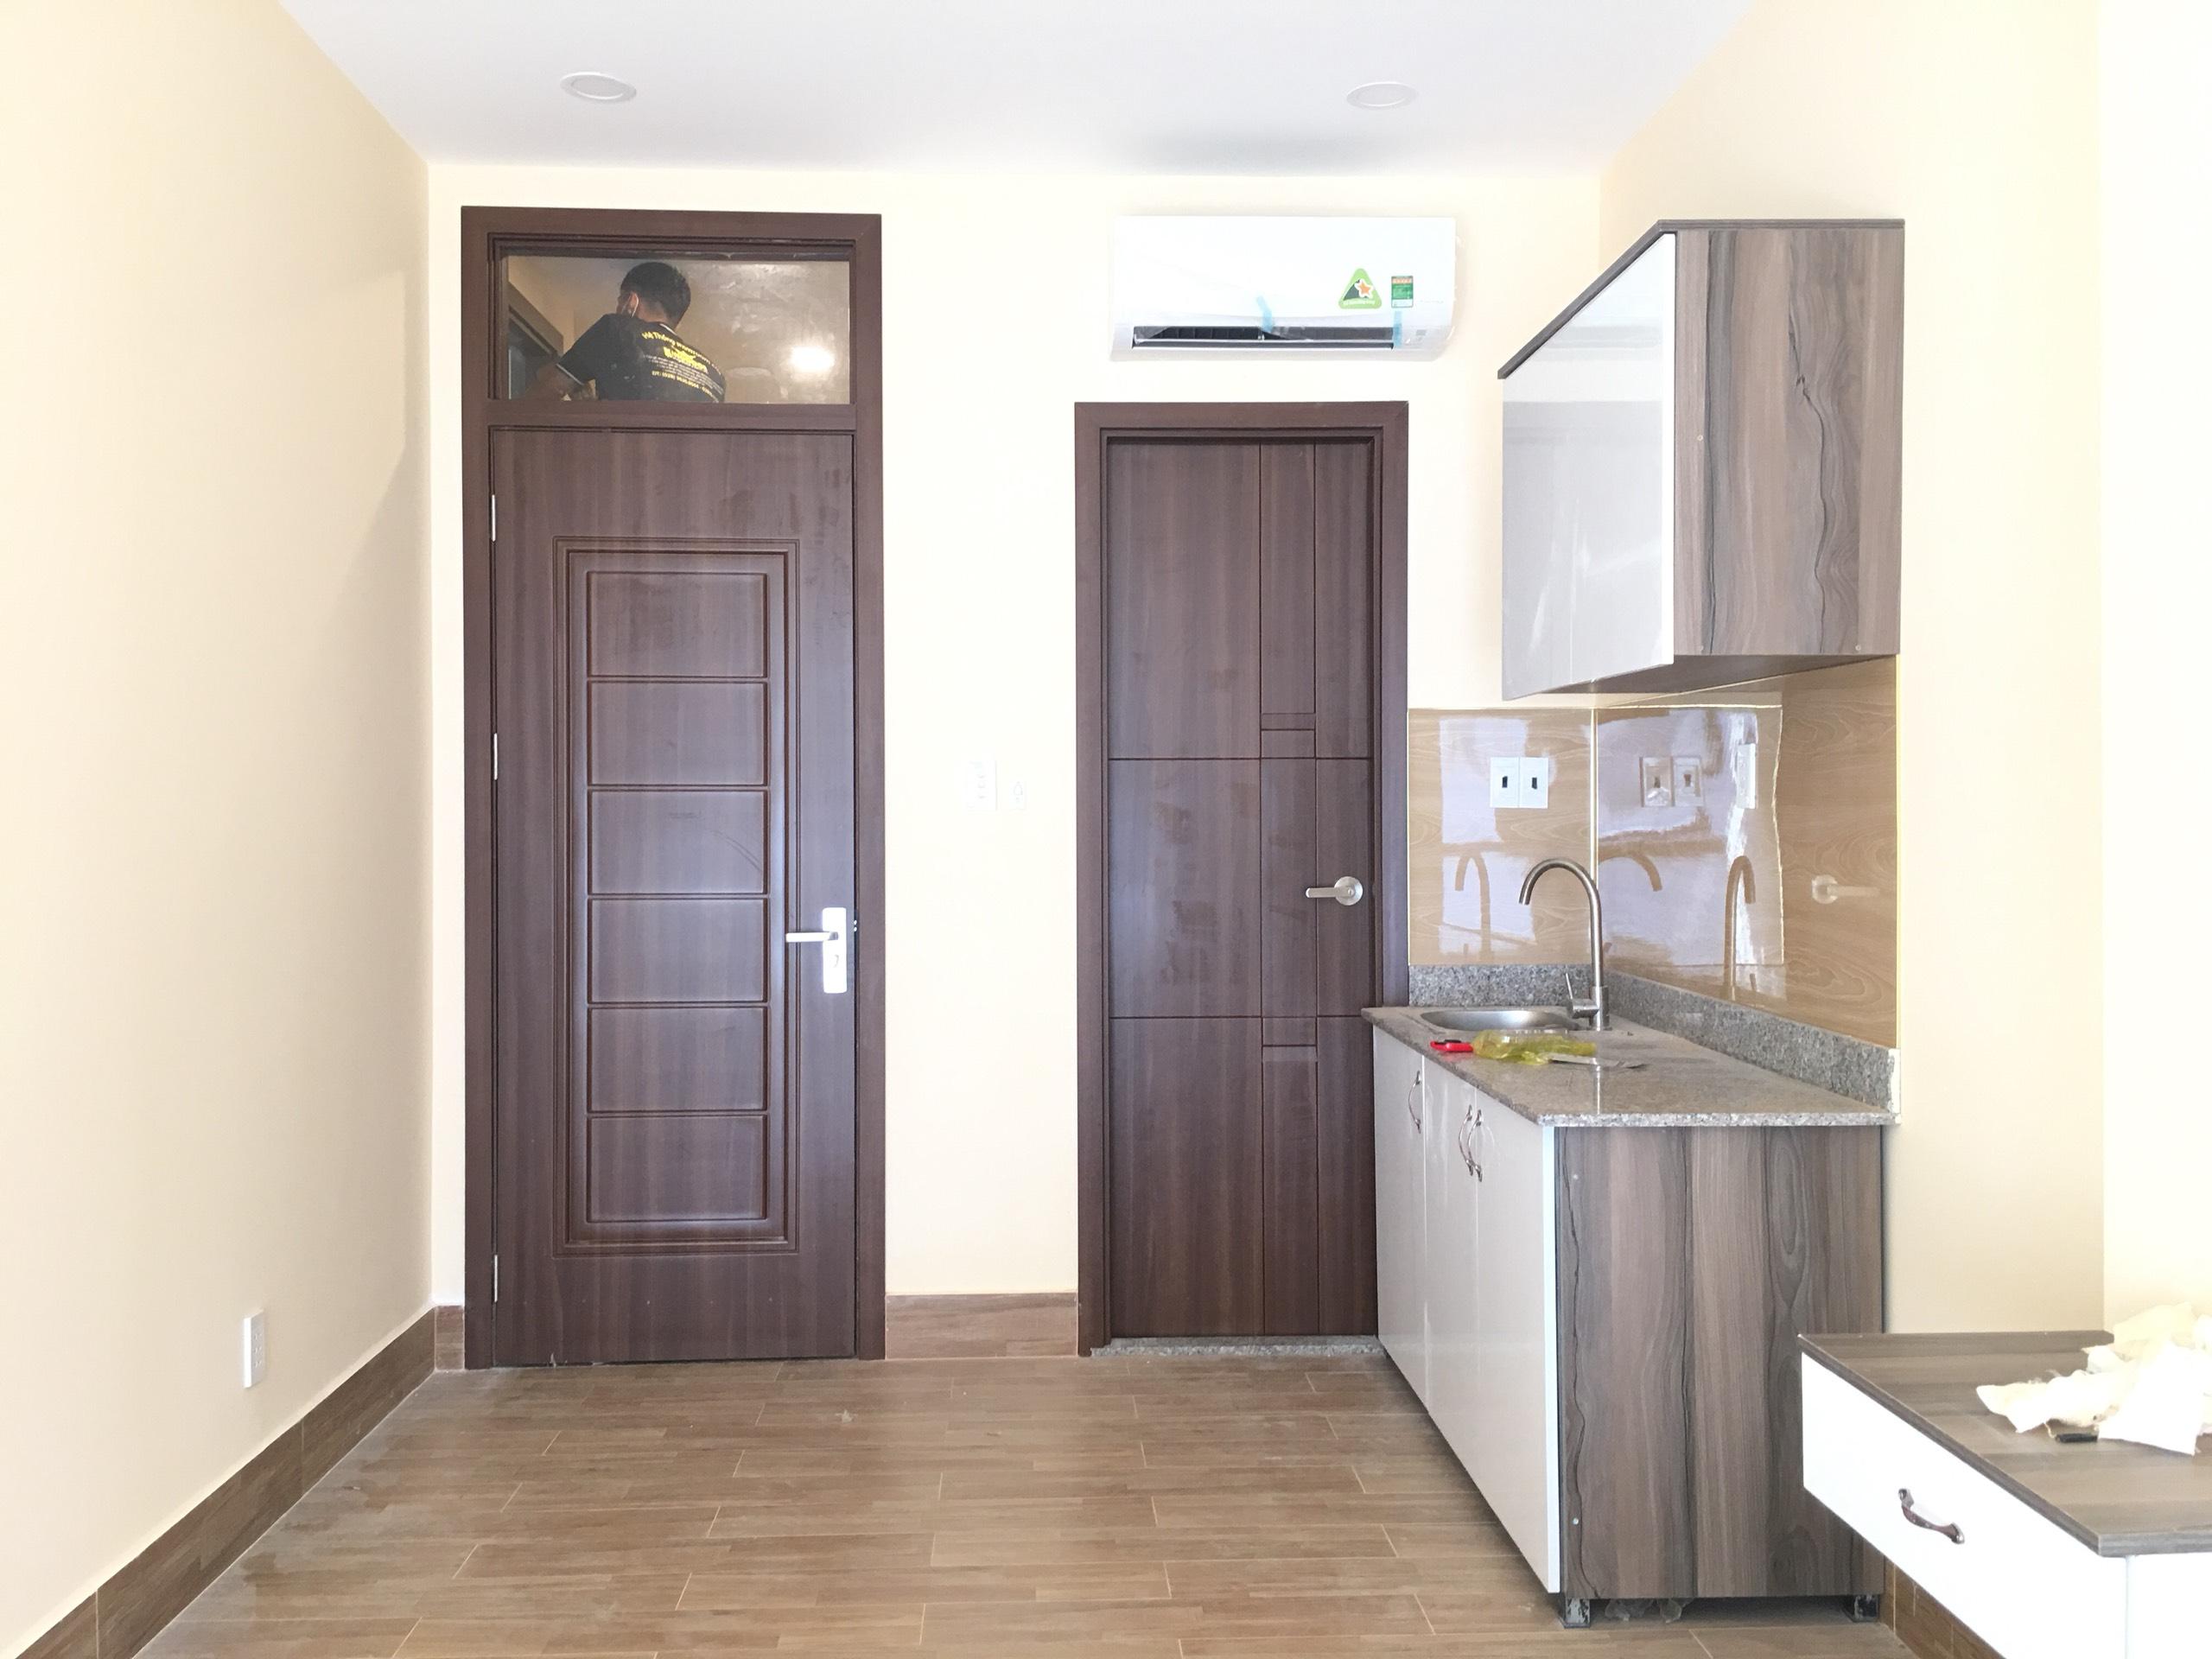 Cửa thường được sử dụng chuyên cho cửa phòng và cửa wc